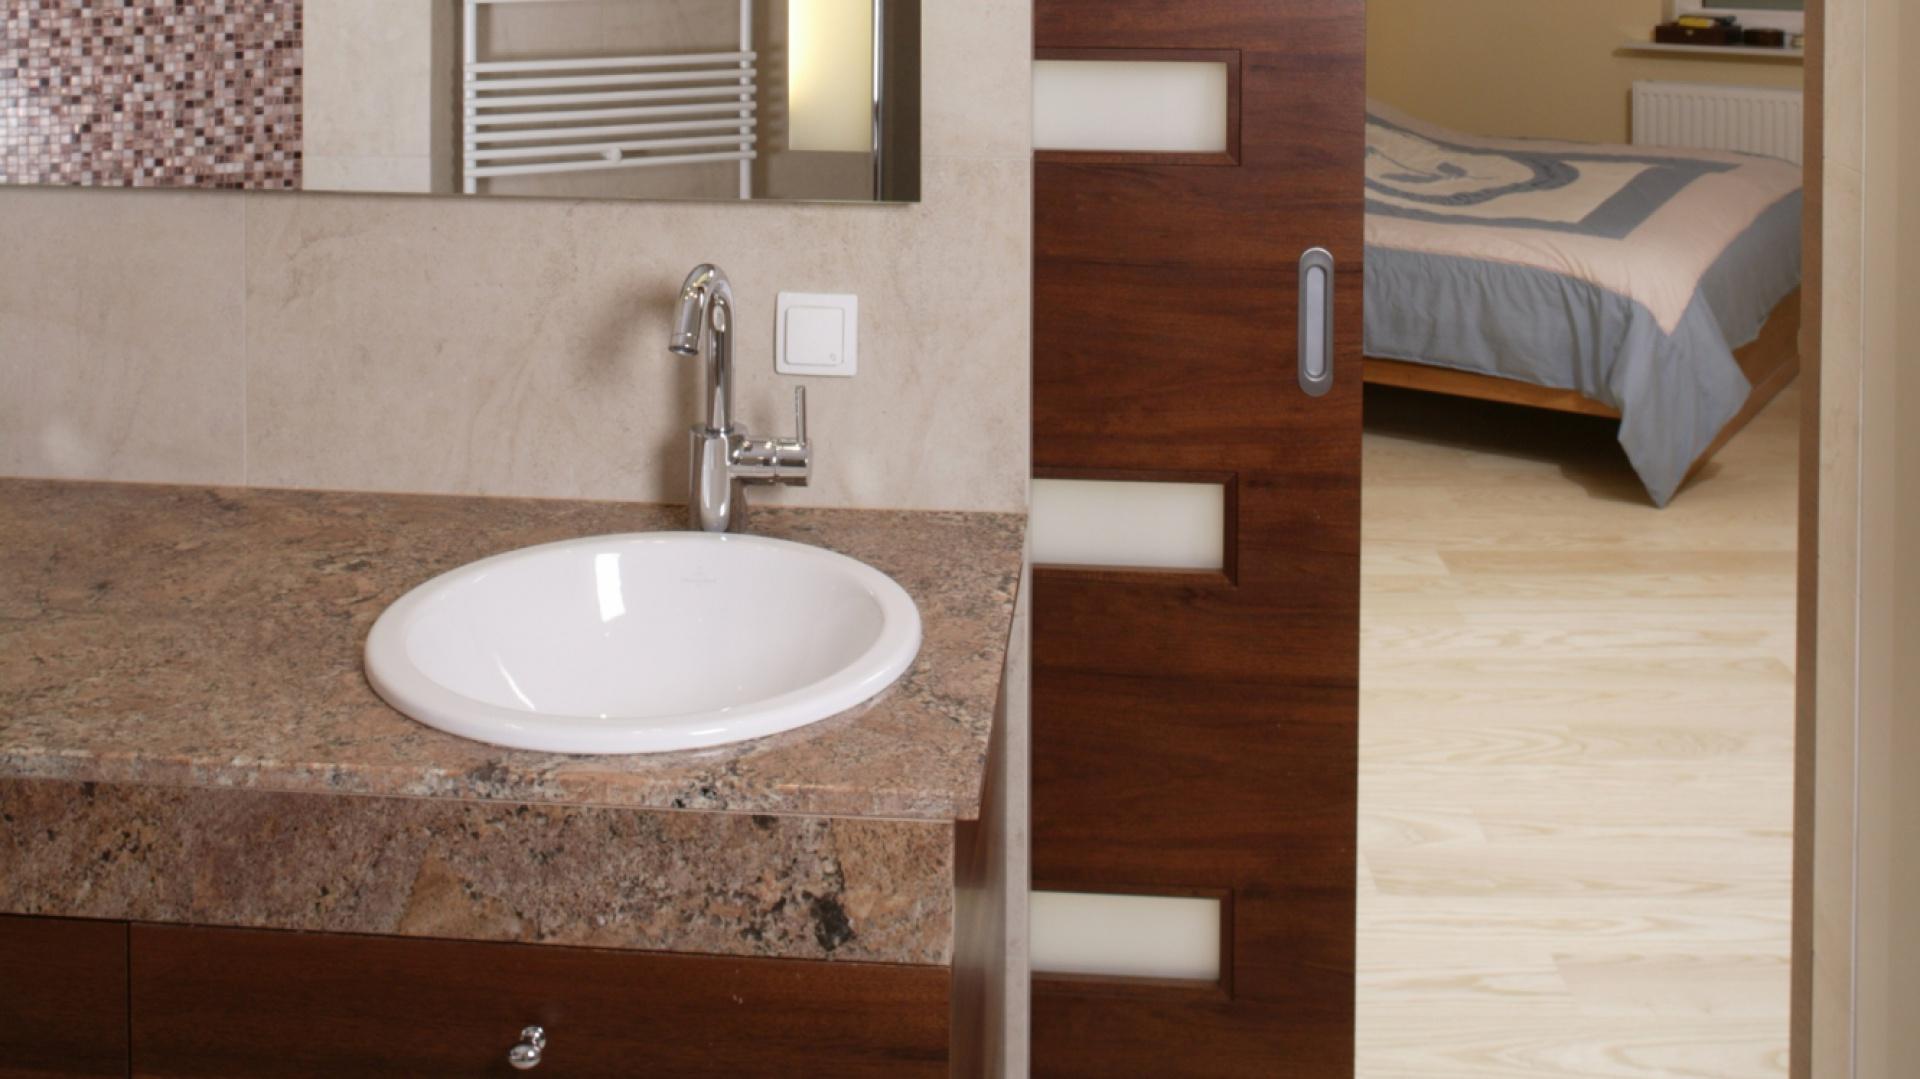 Łazienkę i sypialnię dzielą przesuwne, chowane w ścianie drzwi. Po ich otwarciu, oba pomieszczenia tworzą jedną, stylistycznie spójną przestrzeń. Fot. Bartosz Jarosz.